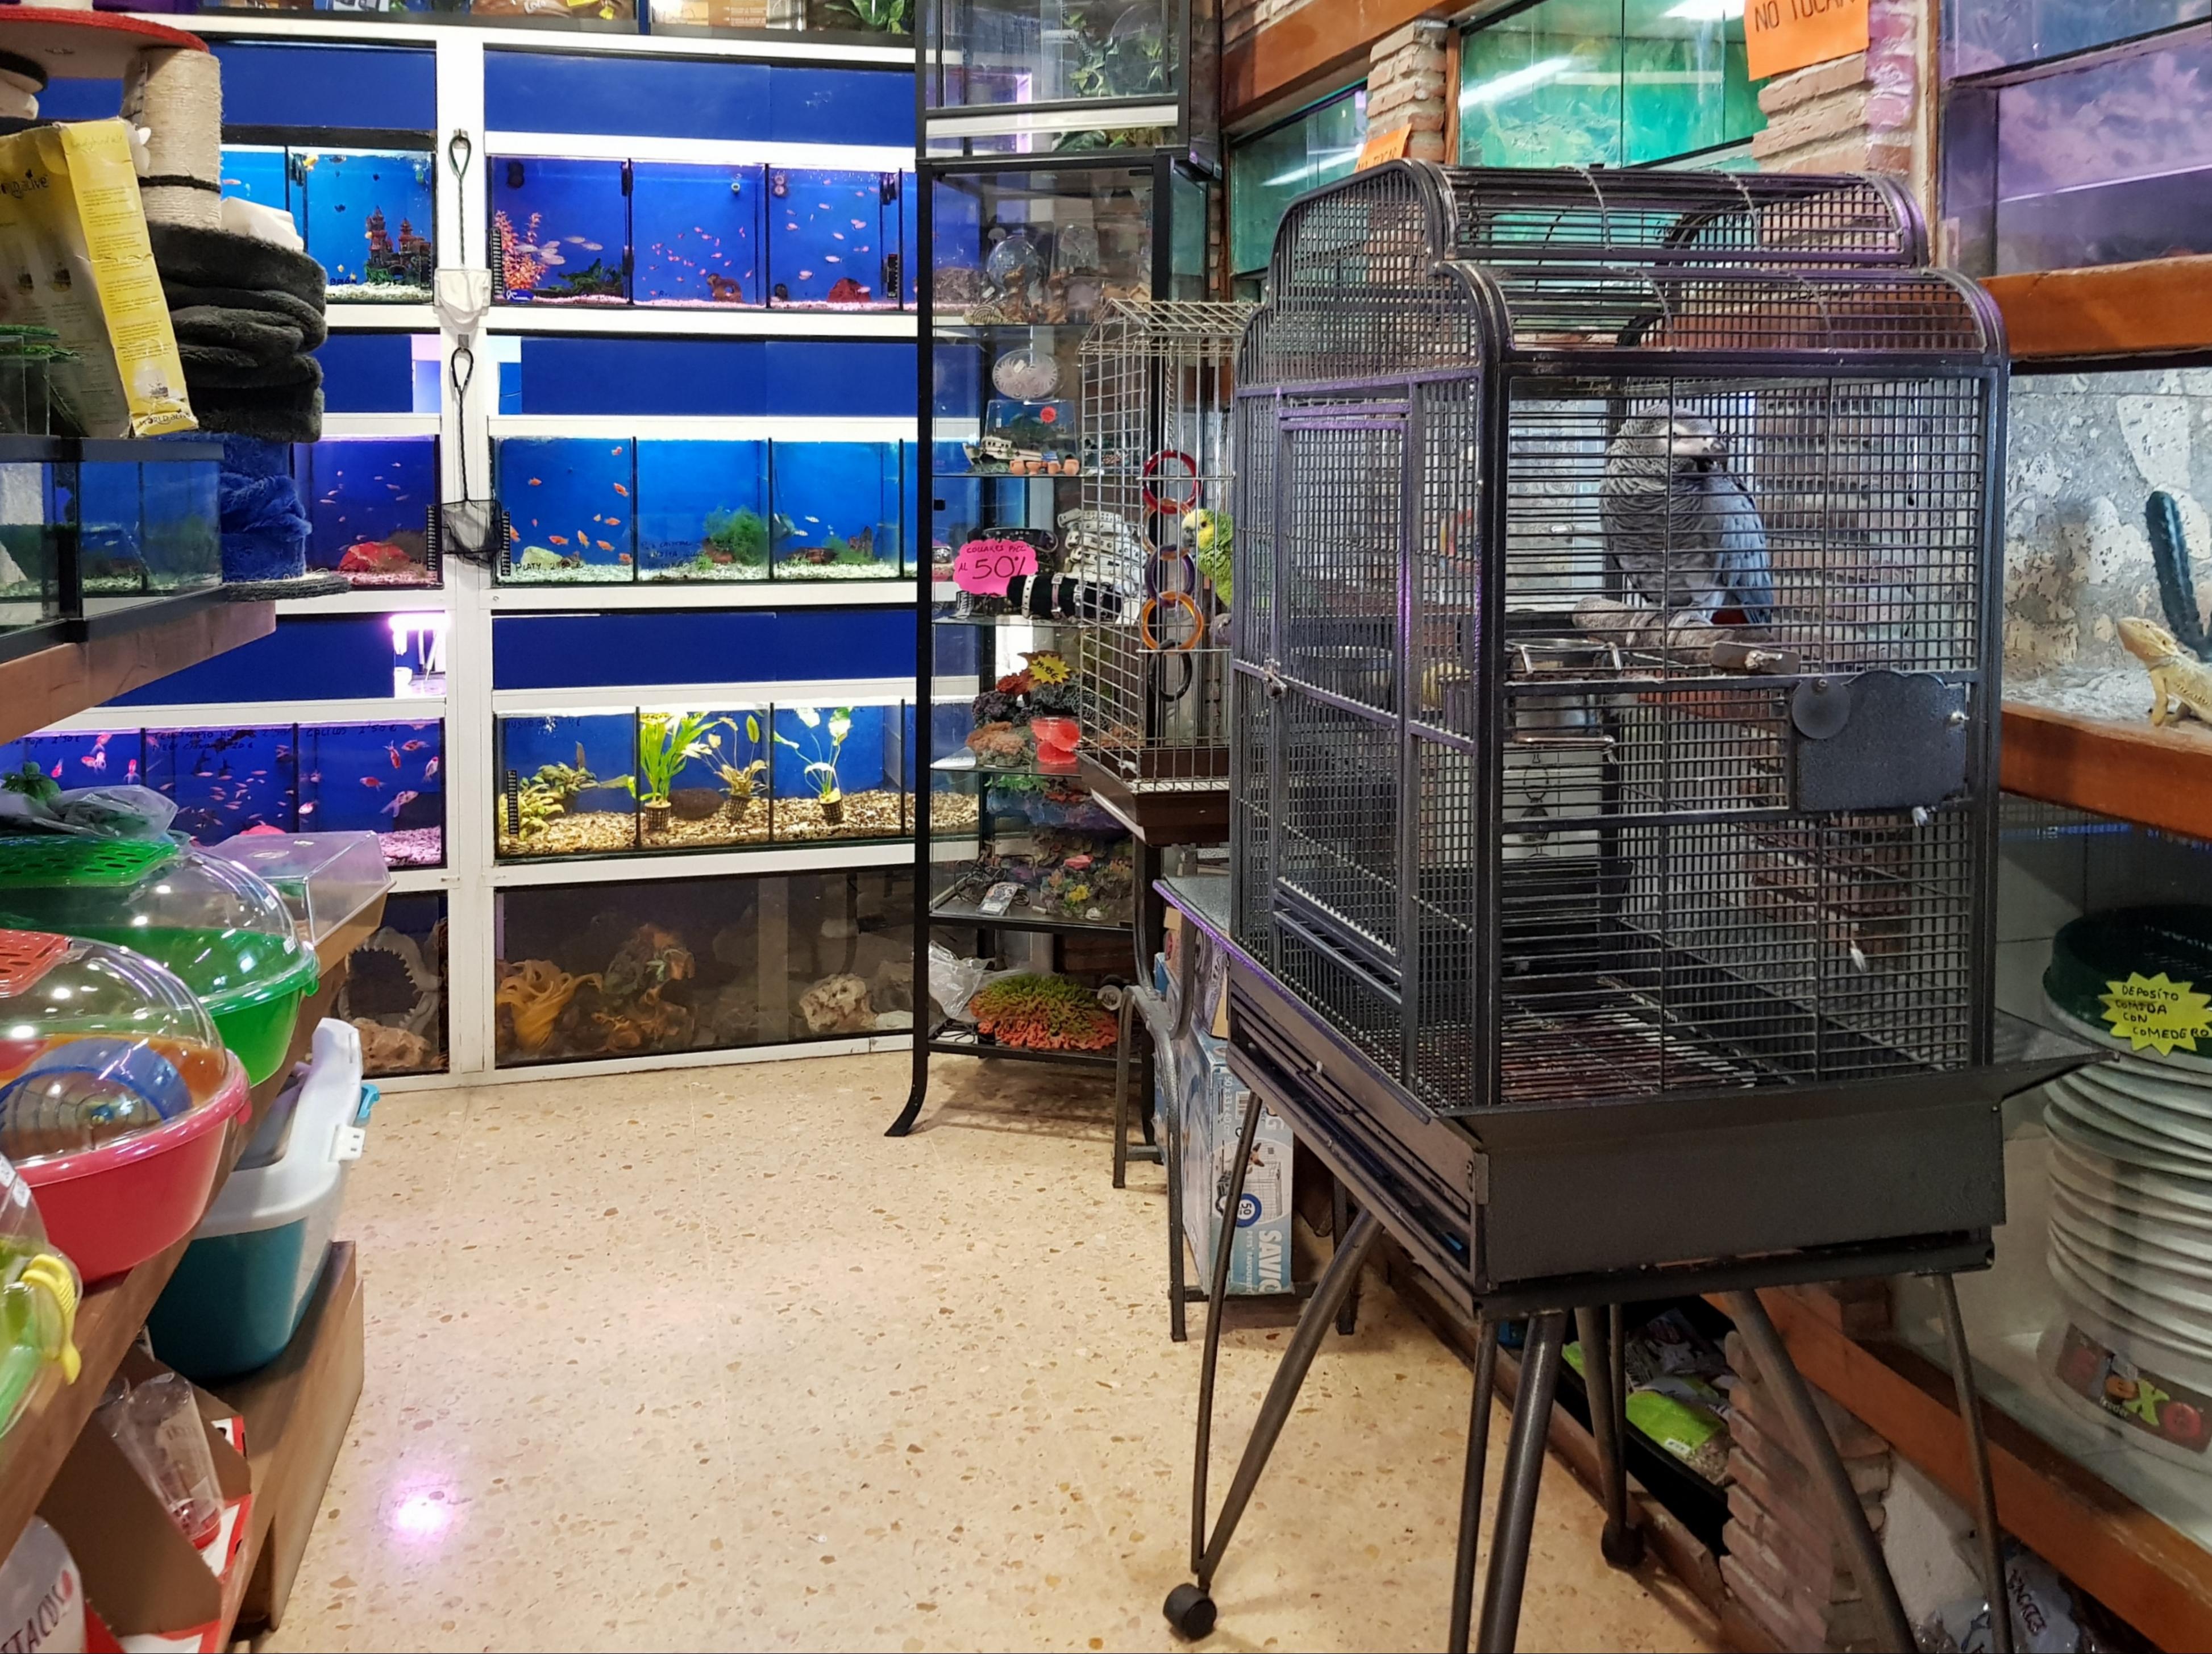 d'animals al carrer de Manuel Candela, València.jpg Català: Tenda d'animals al carrer de Manuel Candela, València. Date 5 October 2018, 19:07:15 Source